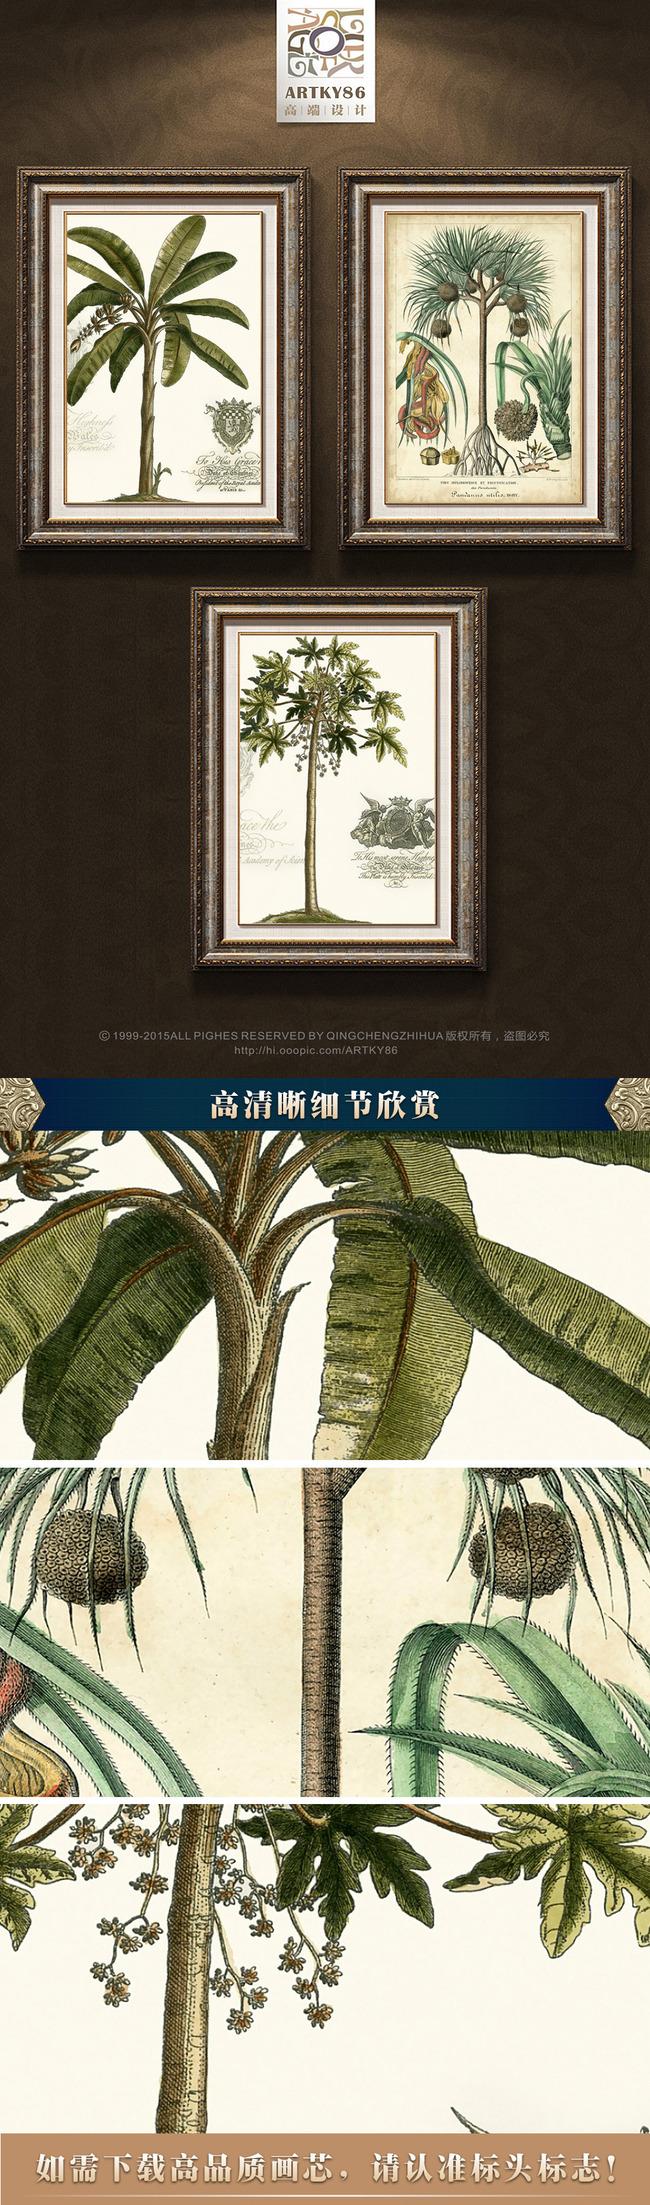 小清新绿色热带植物叶子大树植物图谱油画